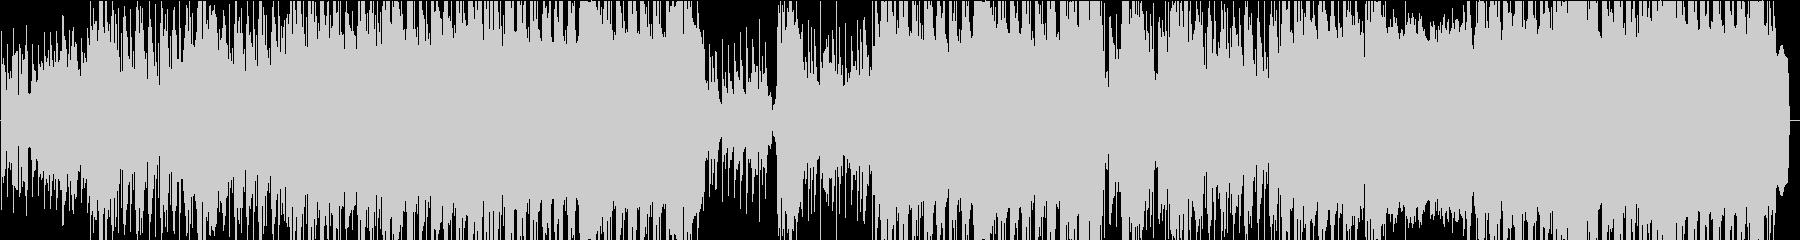 ポップ/ブレイクビーツ/ピアノ/旅立ちの未再生の波形